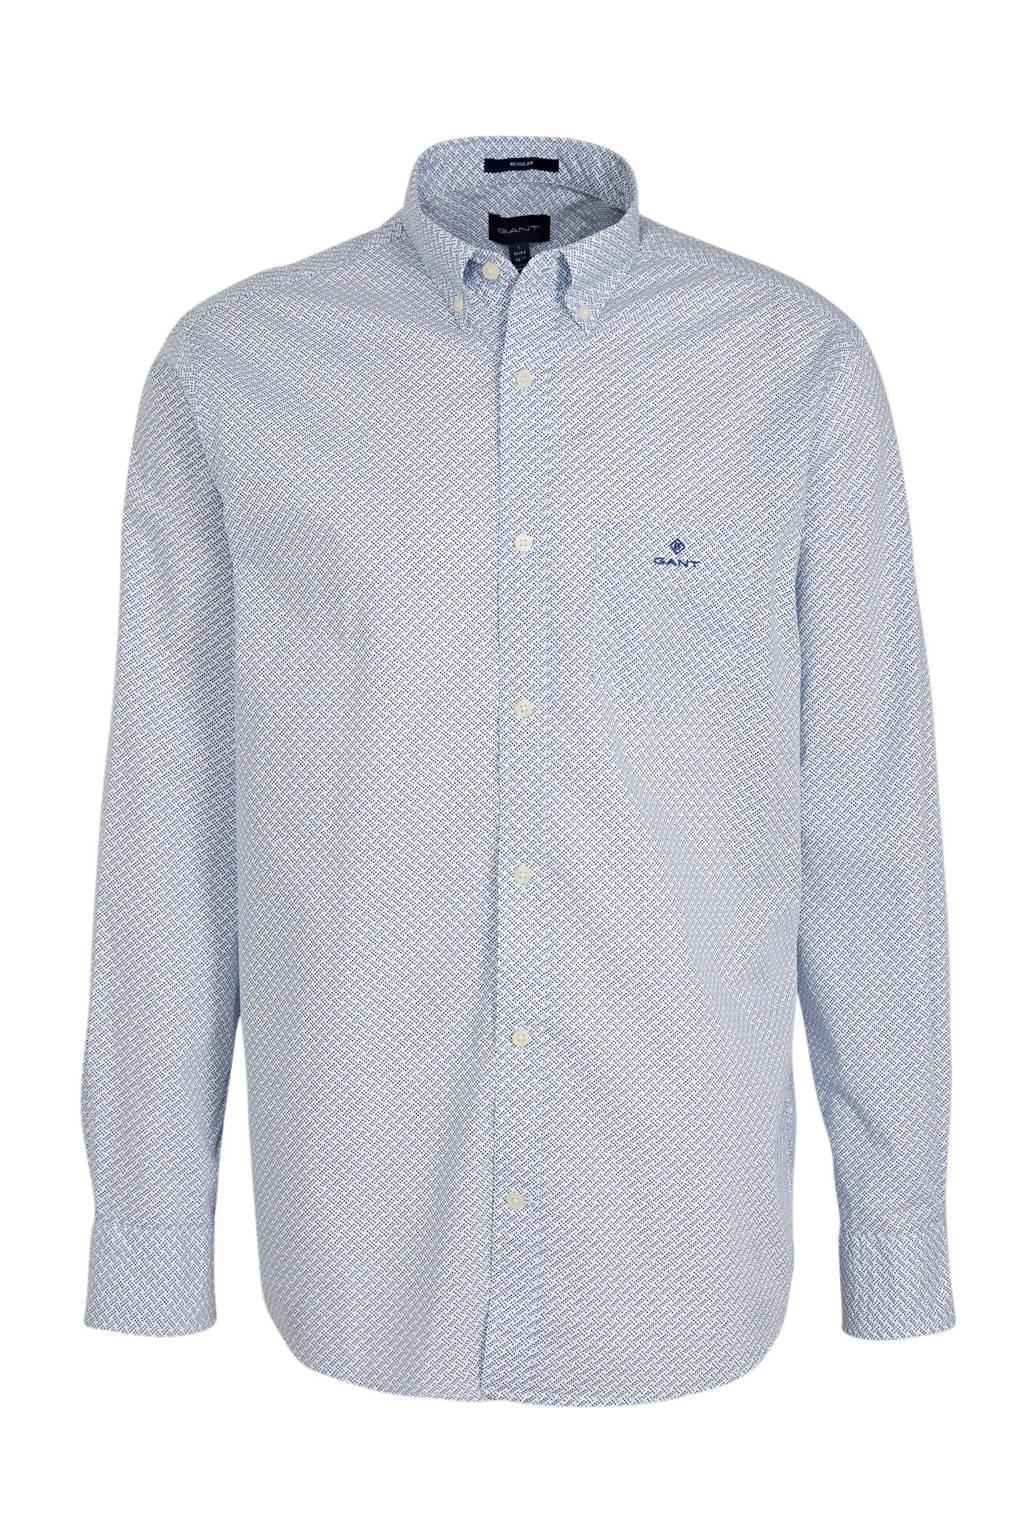 GANT regular fit overhemd met all over print blauw/wit, Blauw/wit